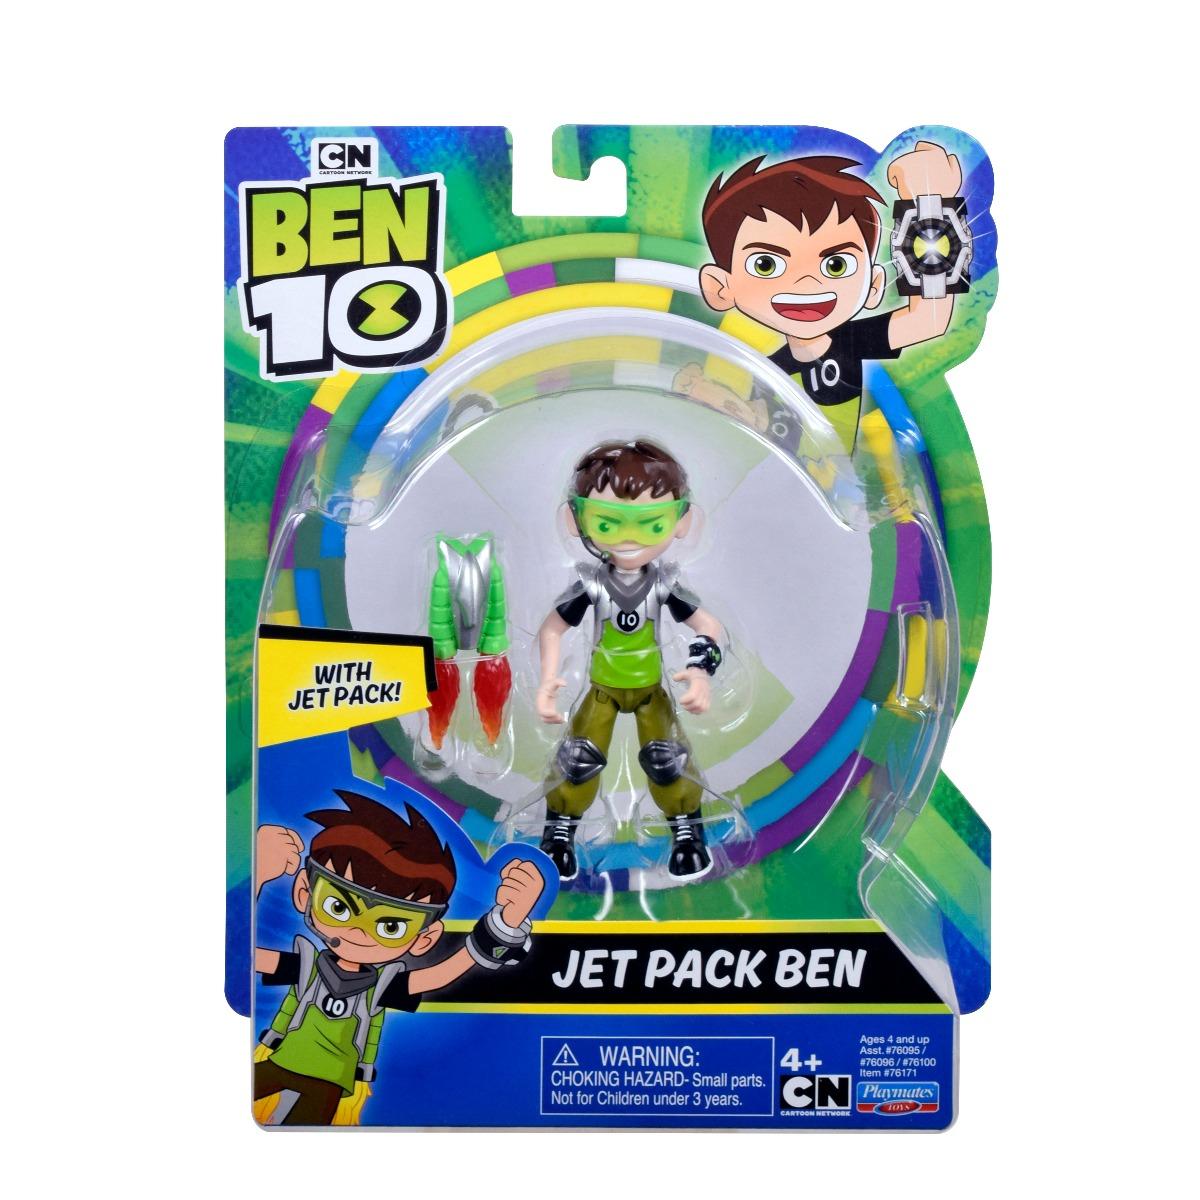 Figurina Ben 10, Jet Pack Ben, 12 cm, 76171